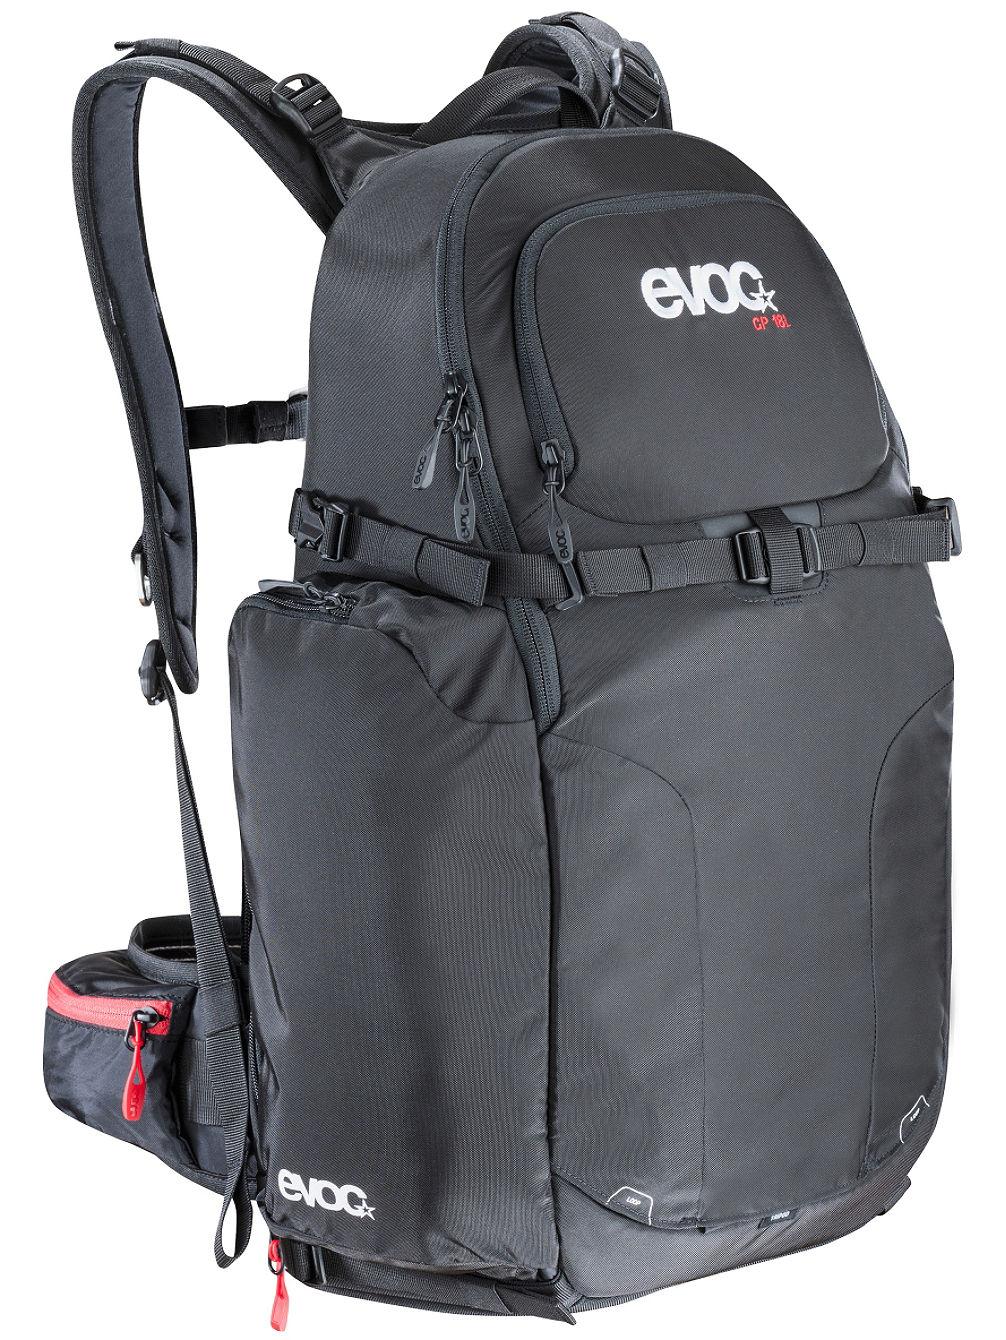 Evoc Camera 18L Backpack - evoc - blue-tomato.com